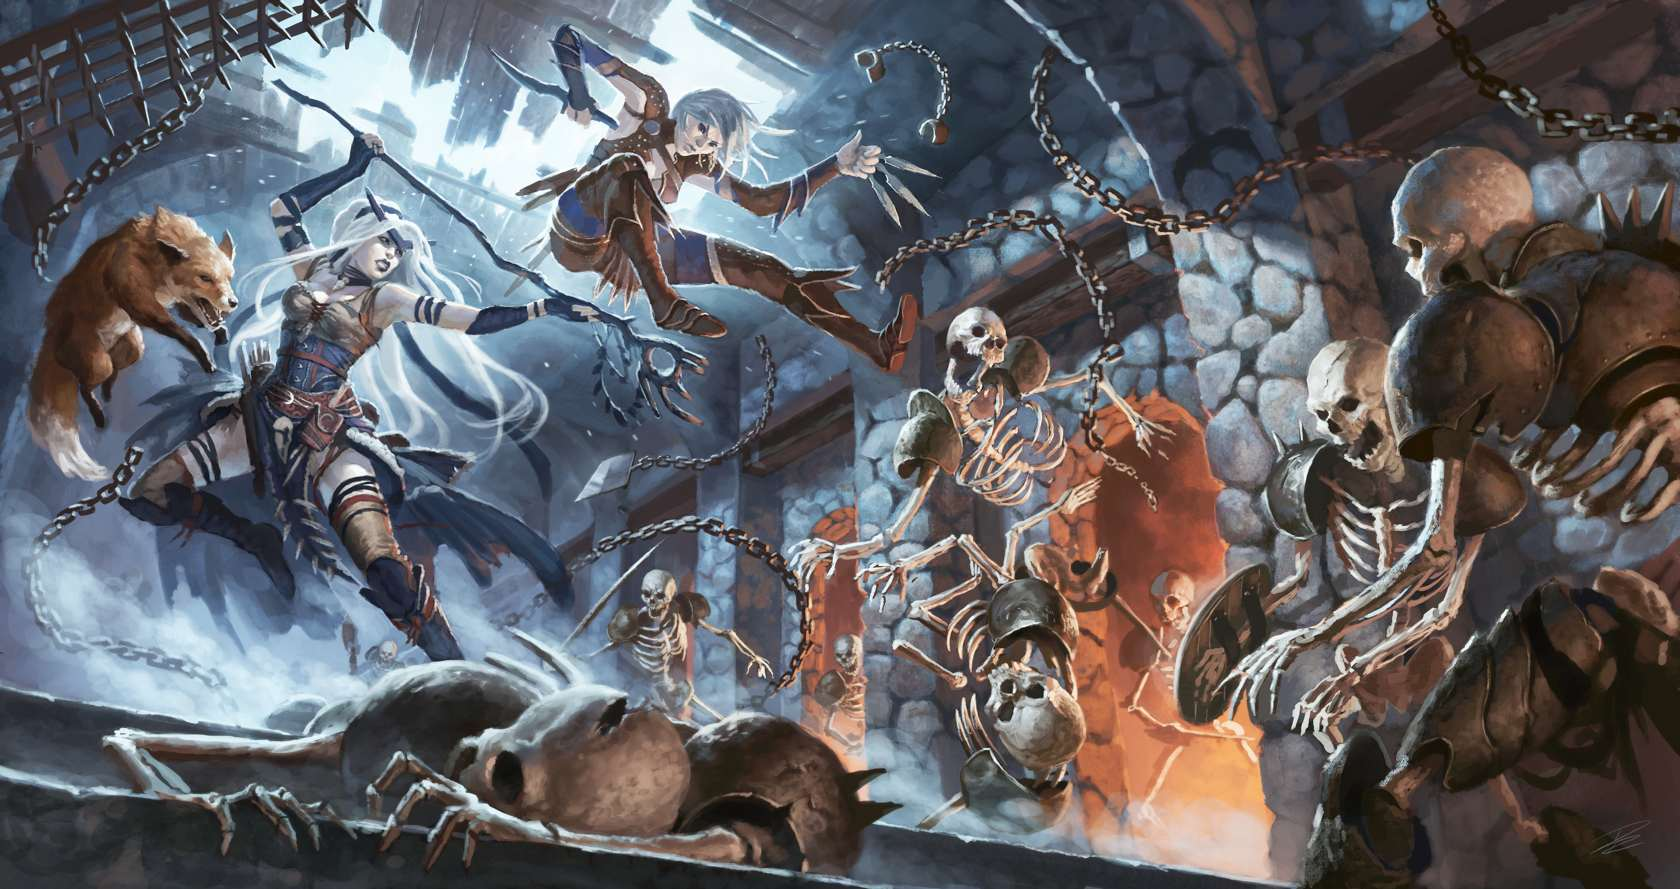 Pathfinder RPG Wayne Reynolds Rpg and Wizards 1680x889